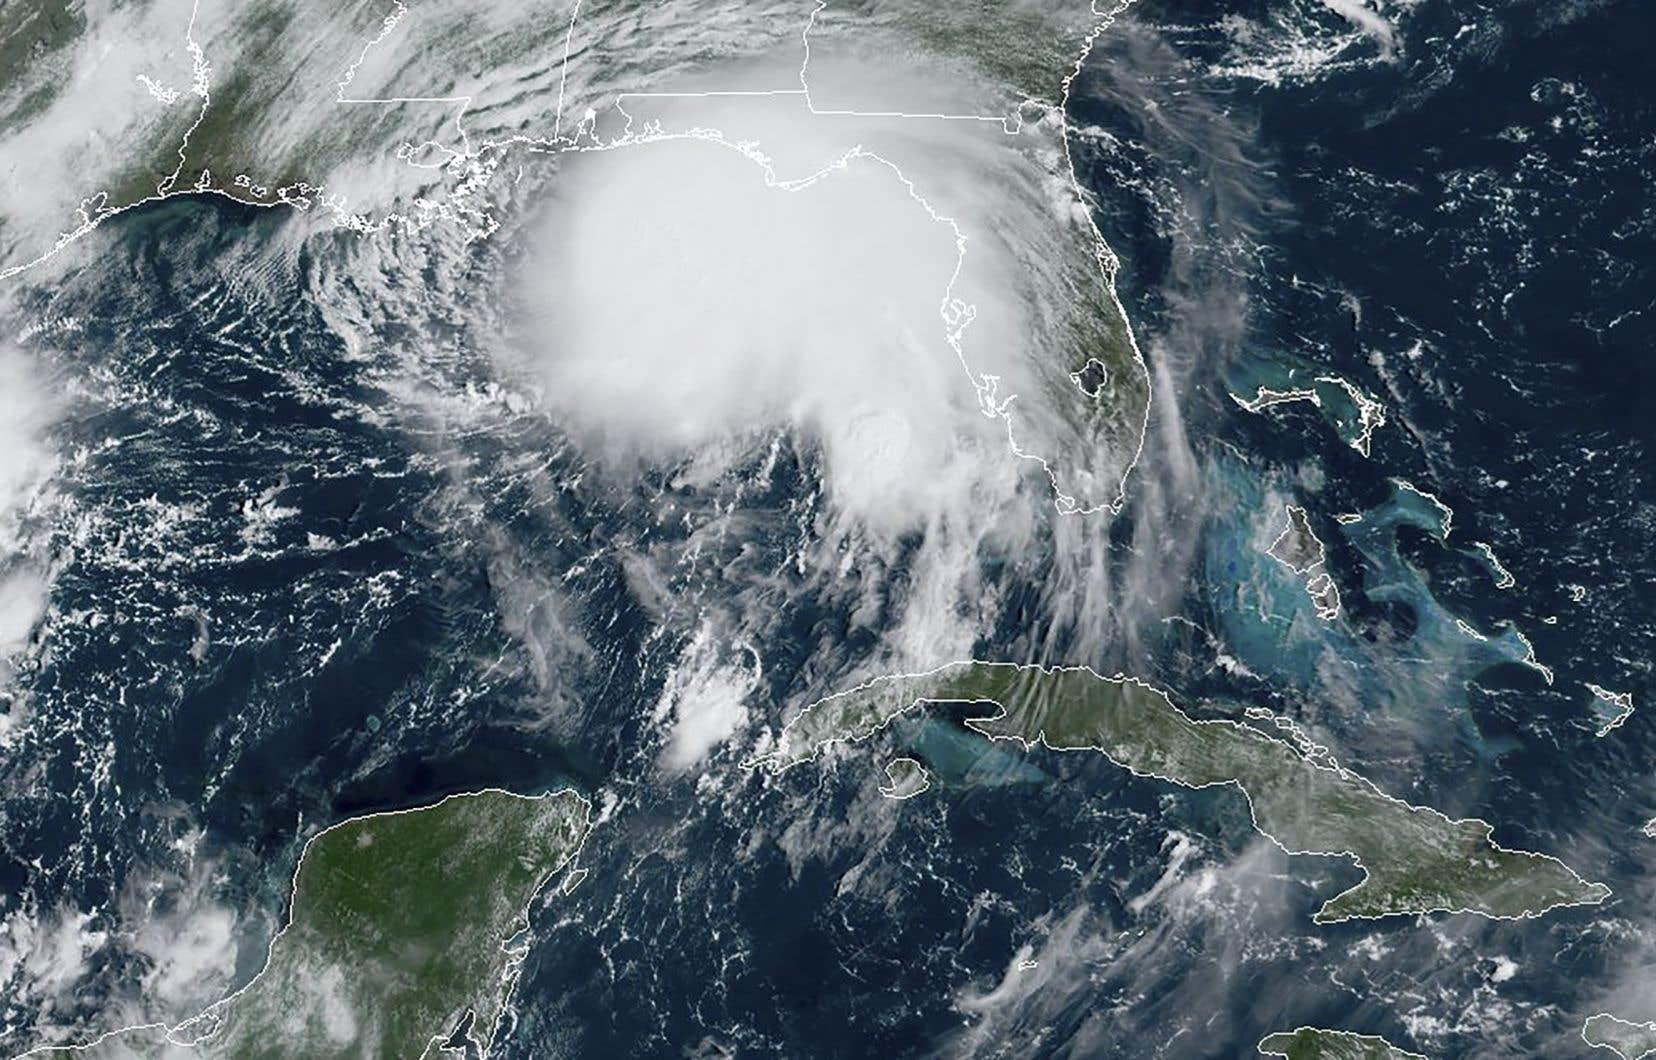 Actuellement à 210km de l'embouchure du Mississippi, Sally risque de provoquer des montées des eaux potentiellement mortelles de la Louisiane jusque dans l'Alabama.